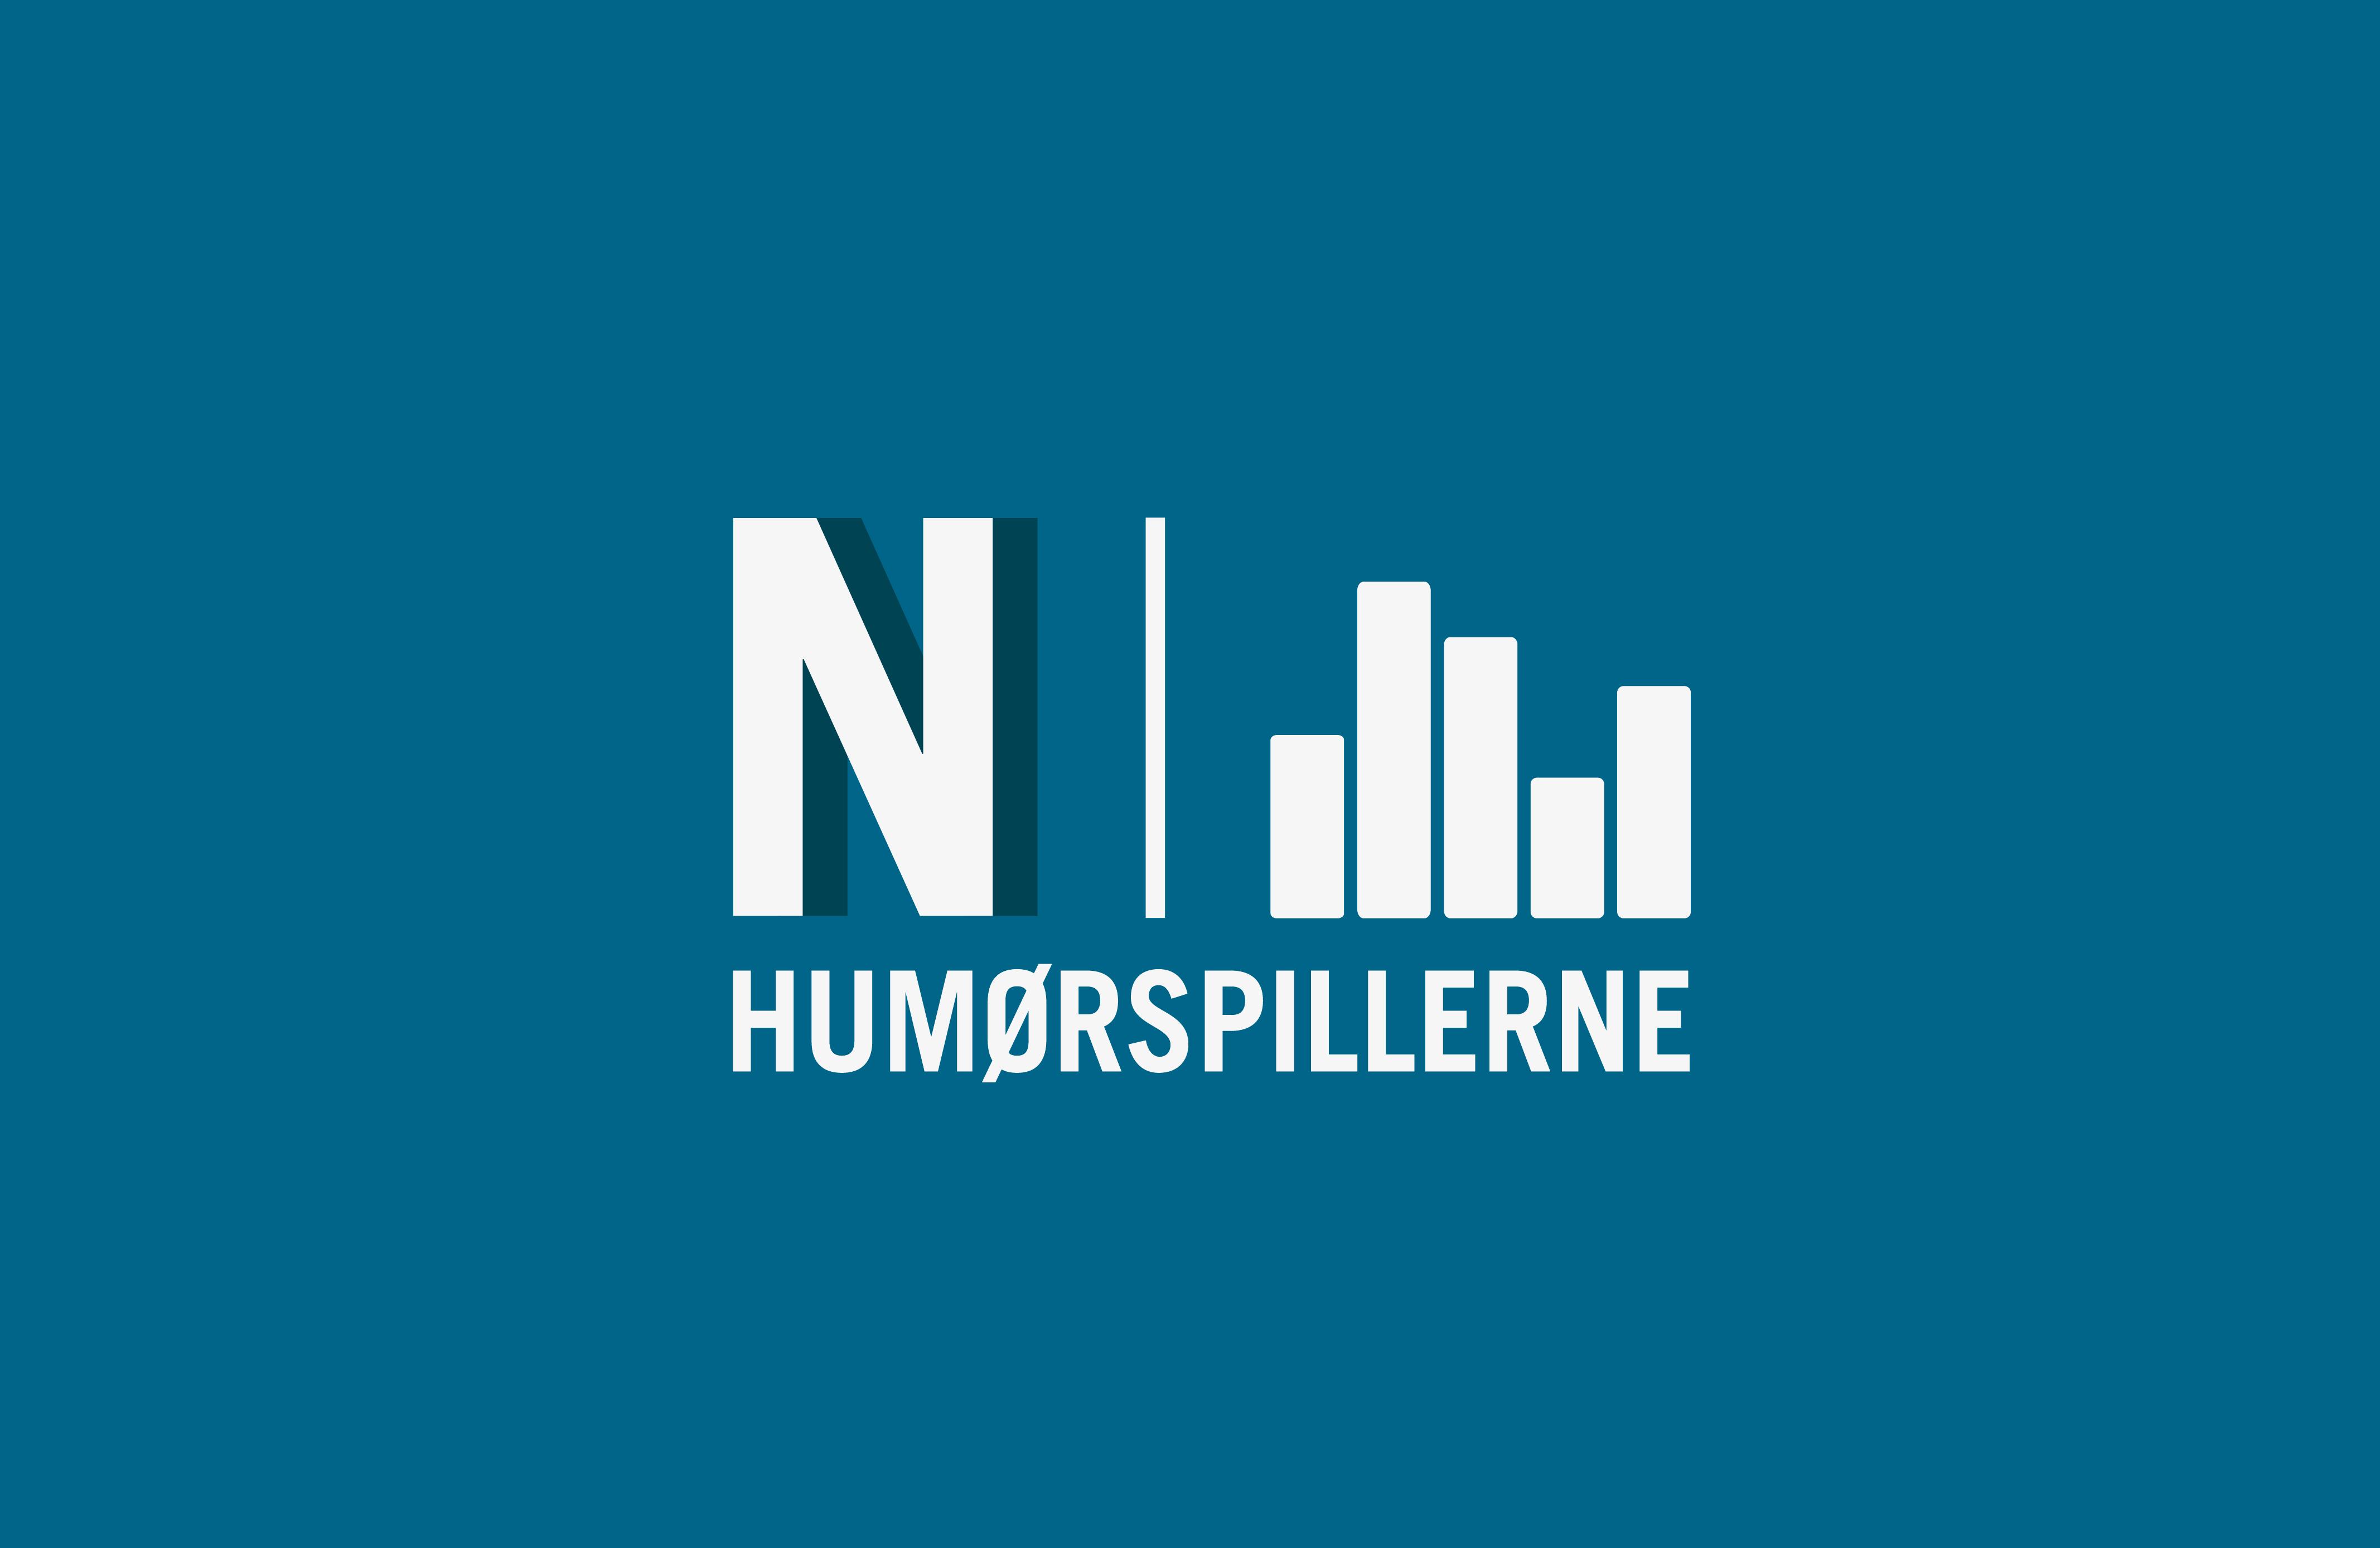 naismith.dk_philipjohansen_humoerspillerne